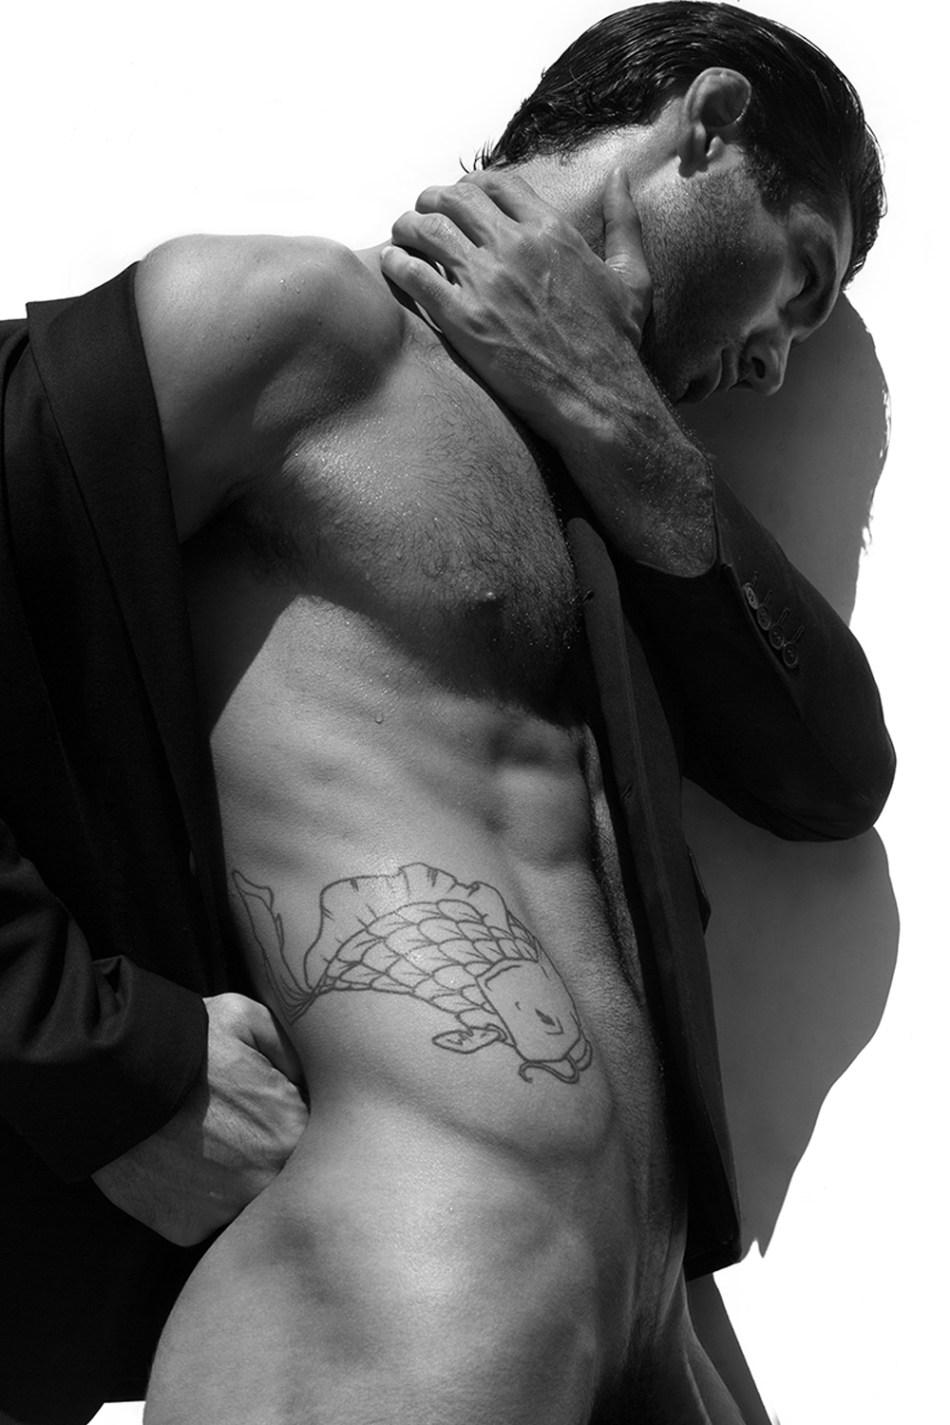 Adrian Waldo by Karl Simone8